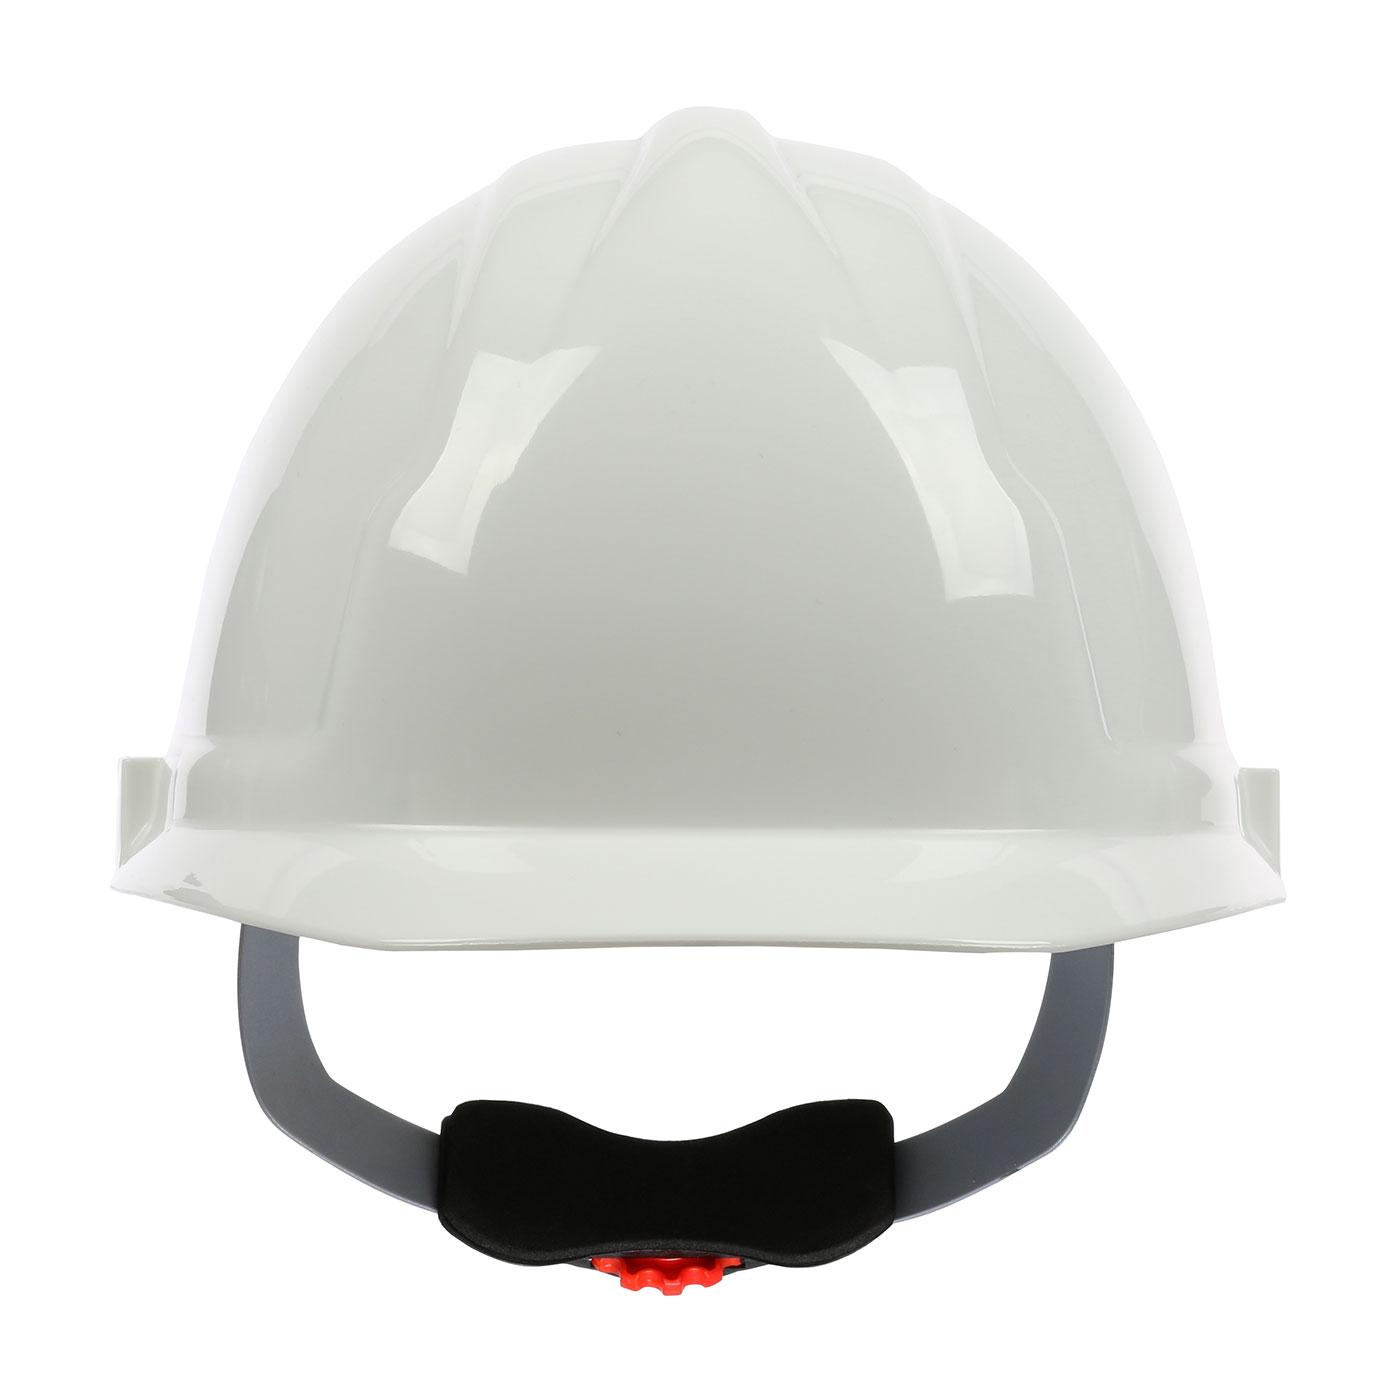 PIP 4200 series hard hat